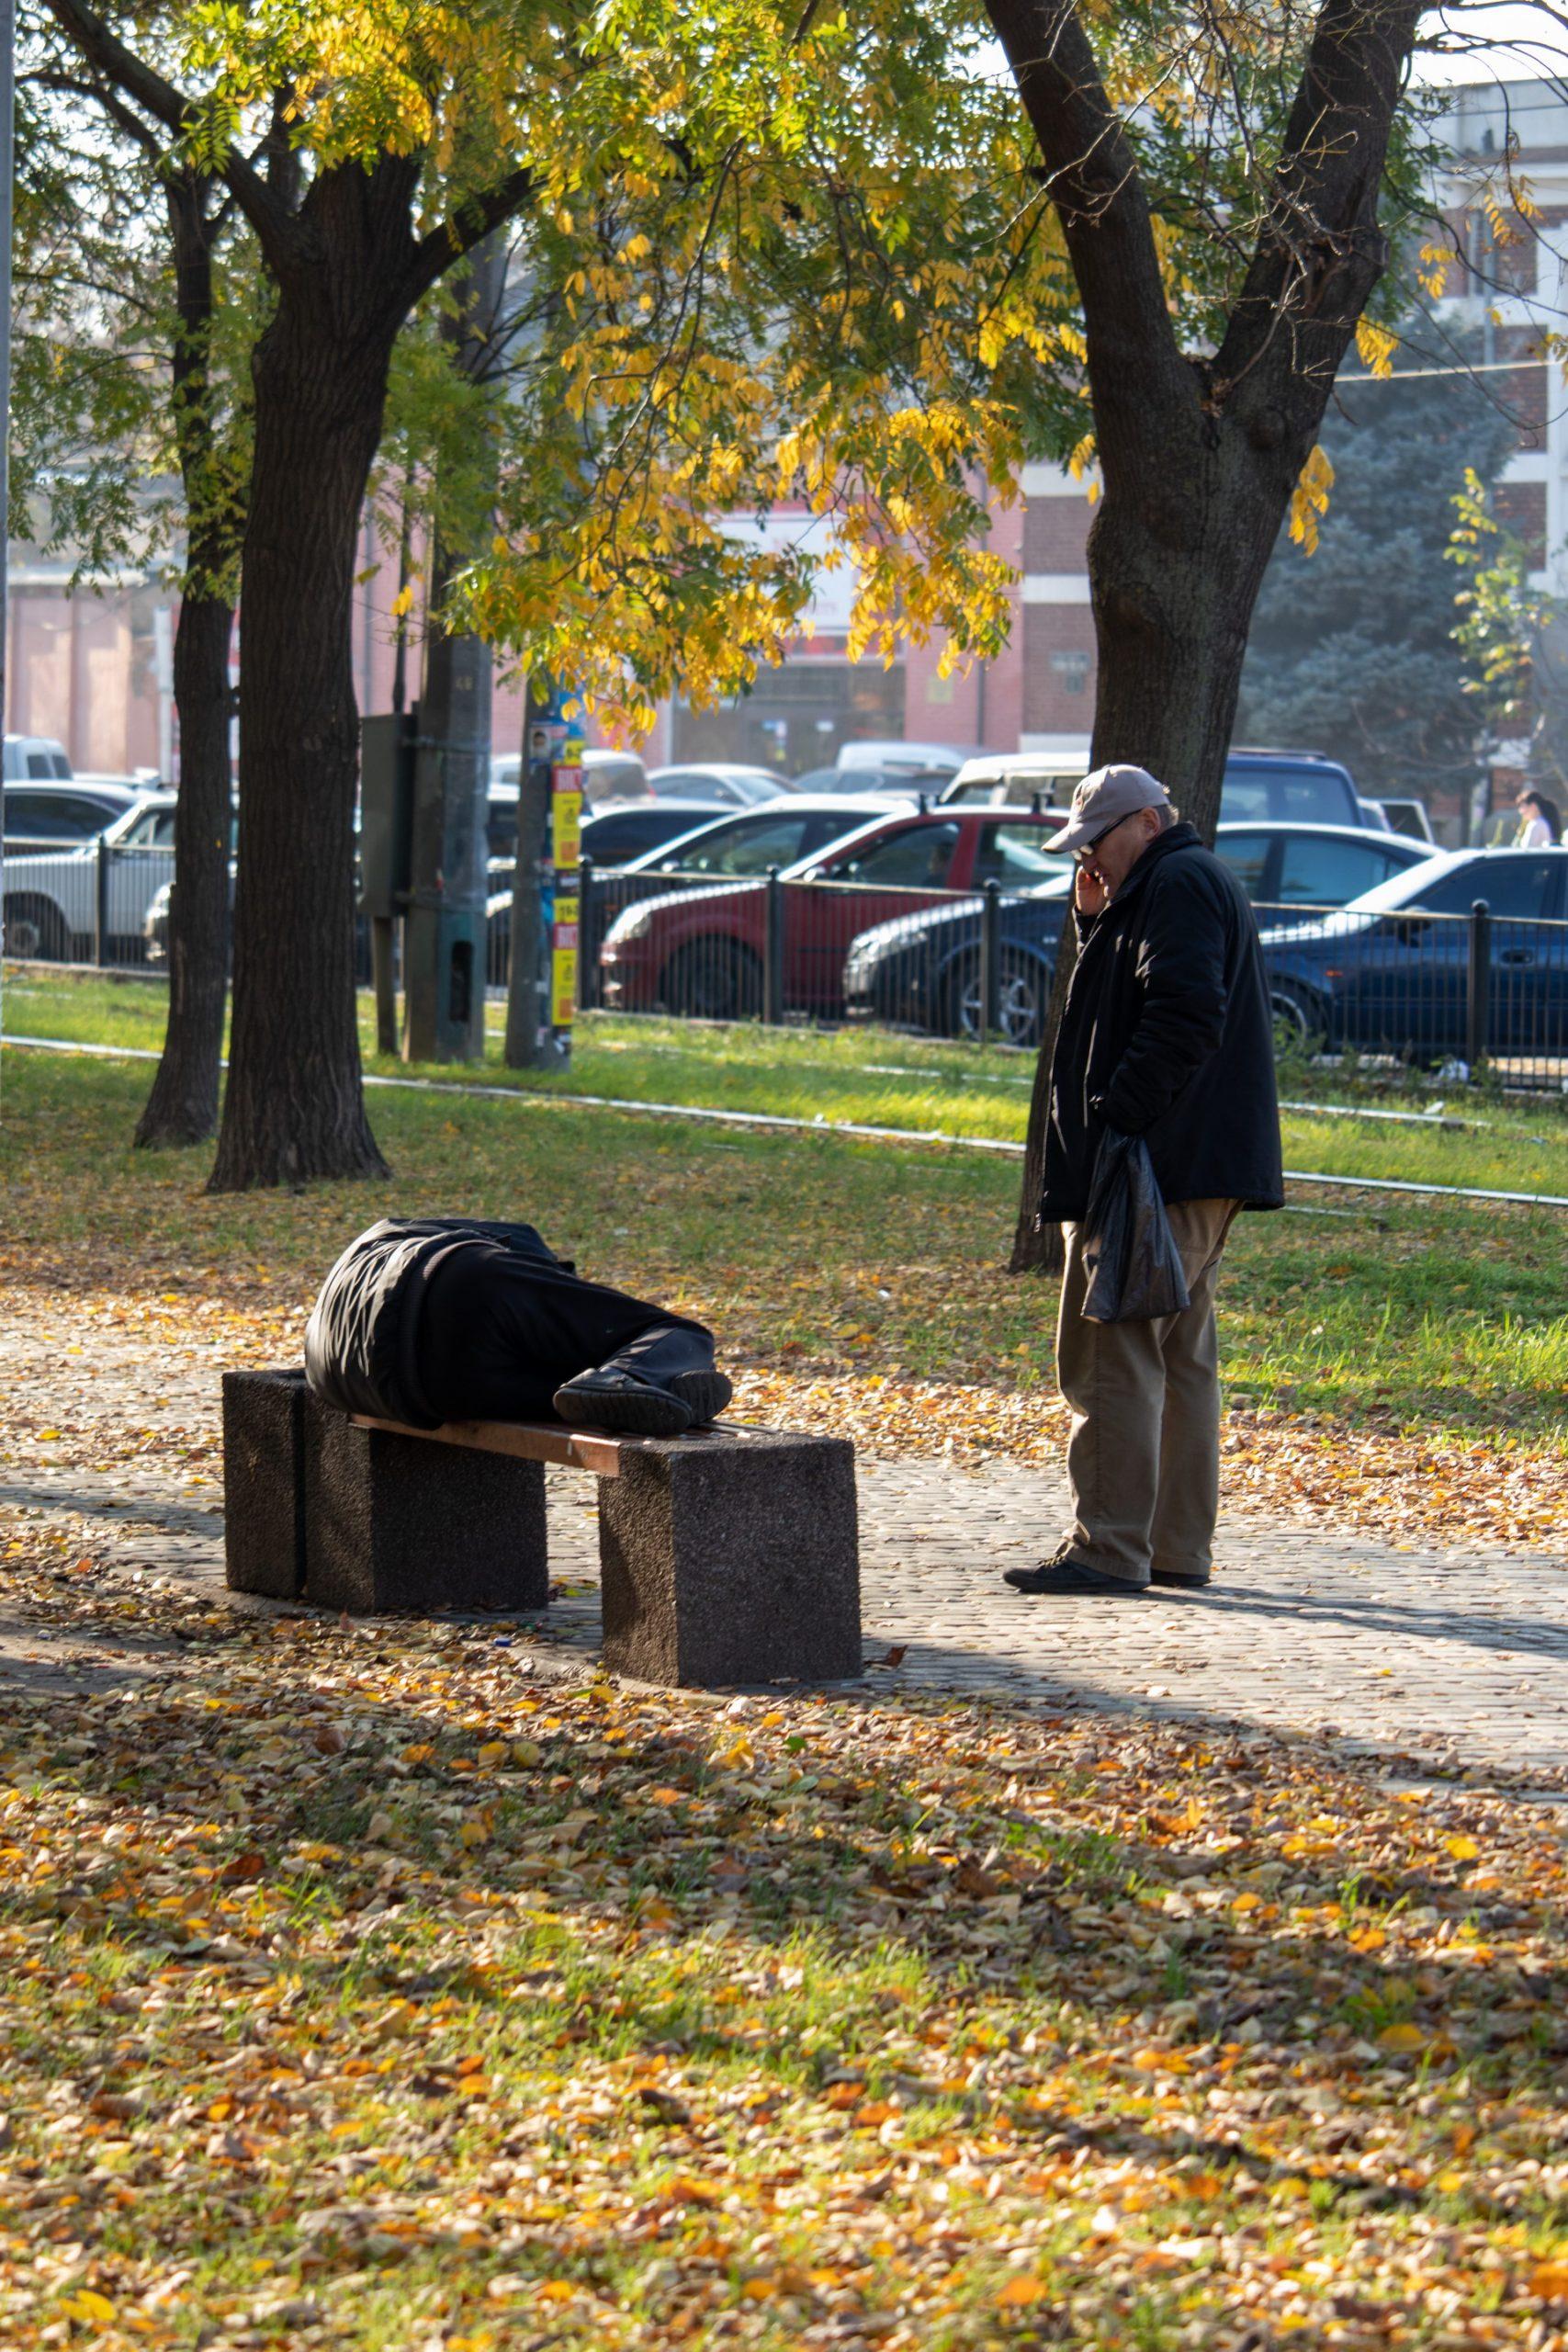 Бездомный пьяный мужчина спит на скамейке прямо на улице среди прохожих осенью – bur4ik.ru фото3